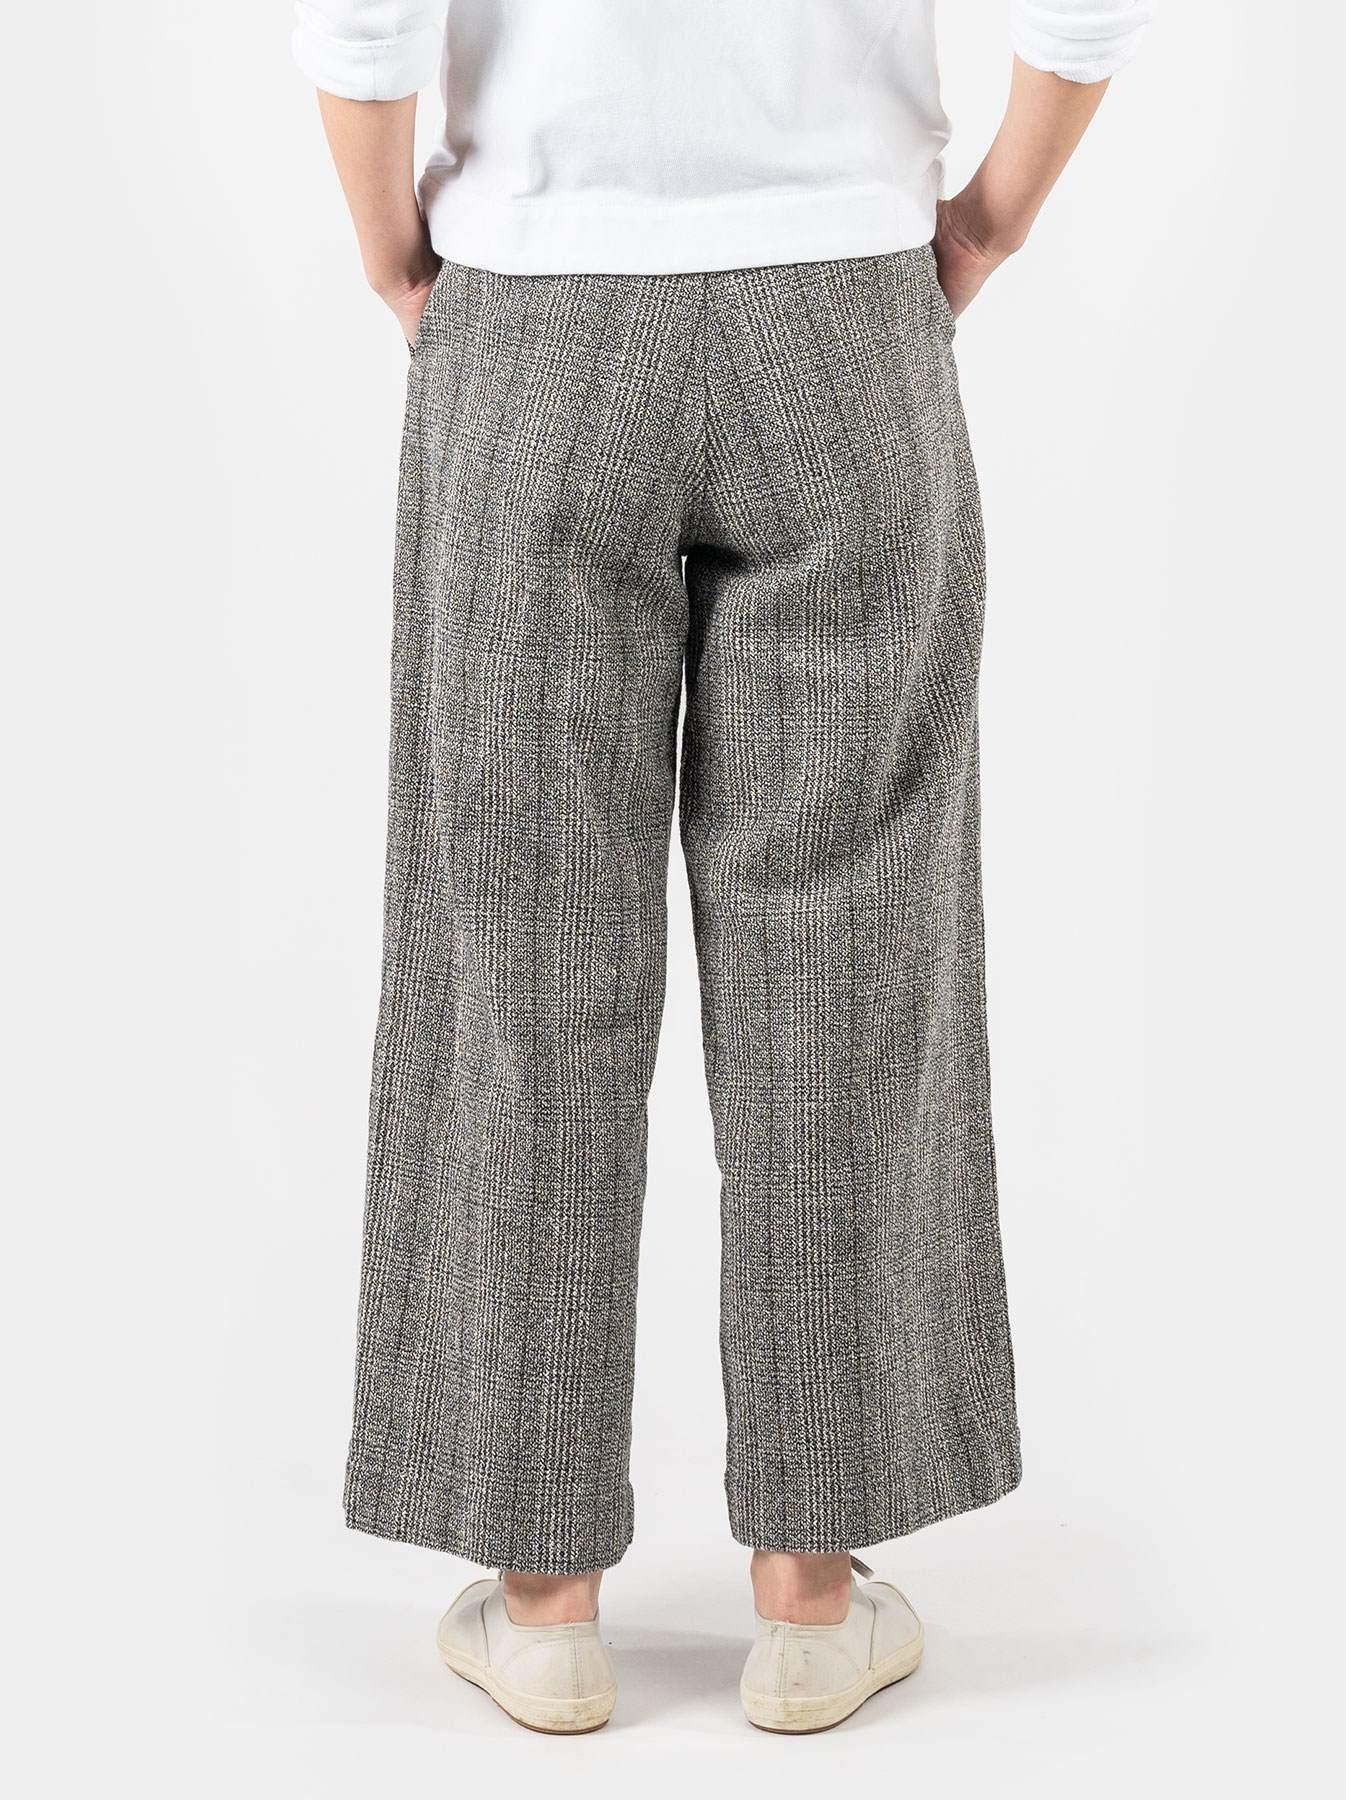 WH Mokumoku Tweed 908 Pants-5